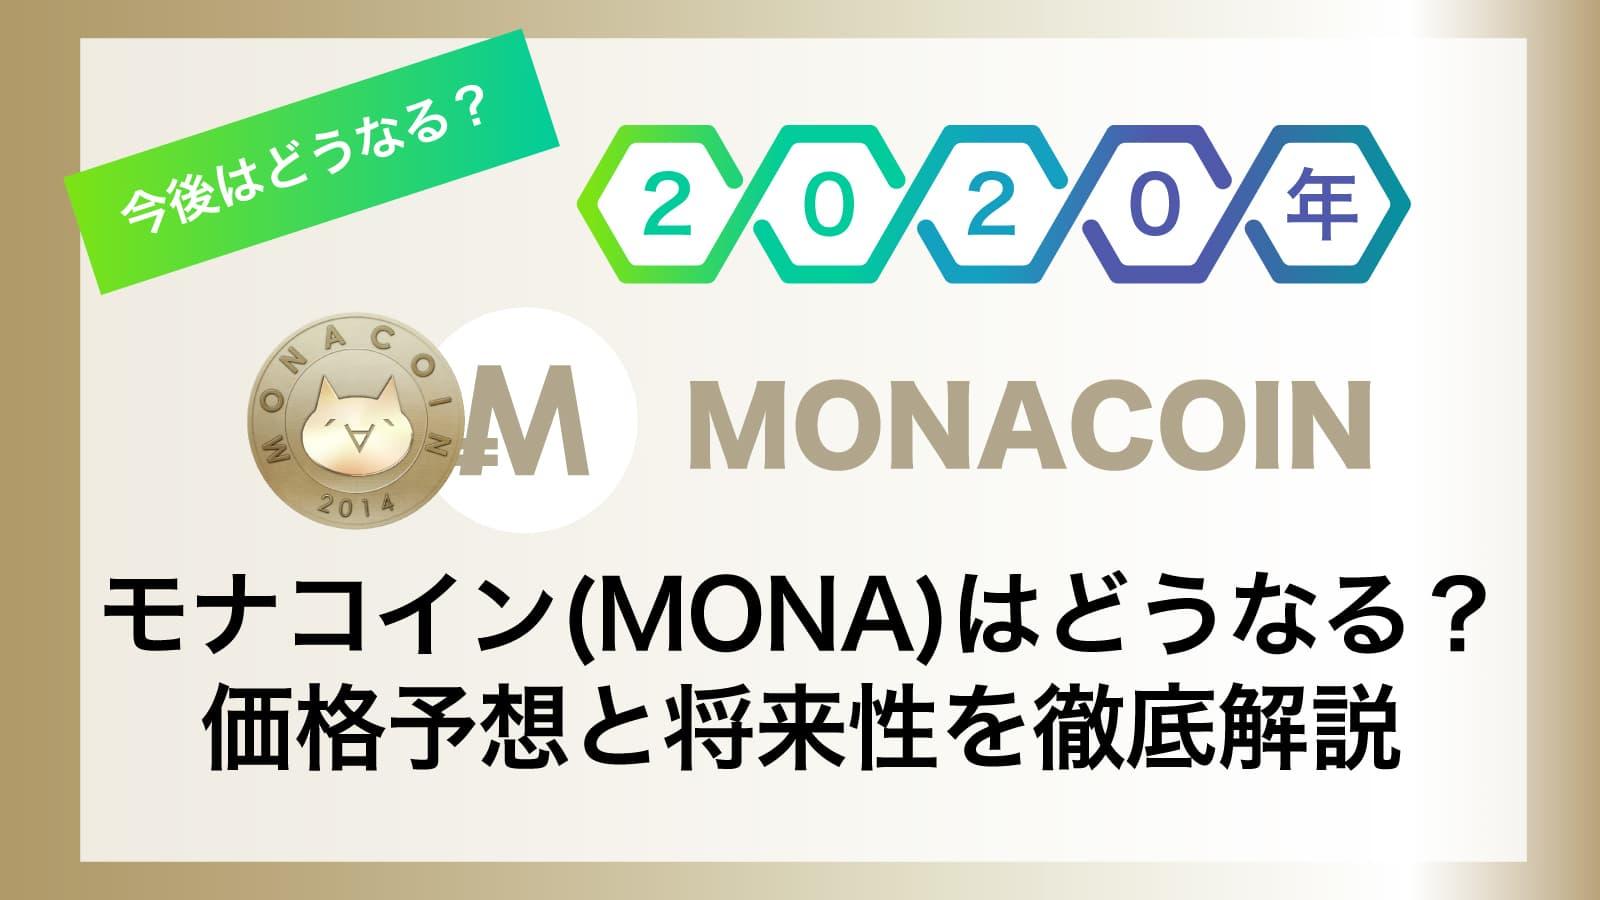 モナコイン(MONA)は今後どうなる?2020年の価格予想と将来性を解説します!のアイキャッチ画像